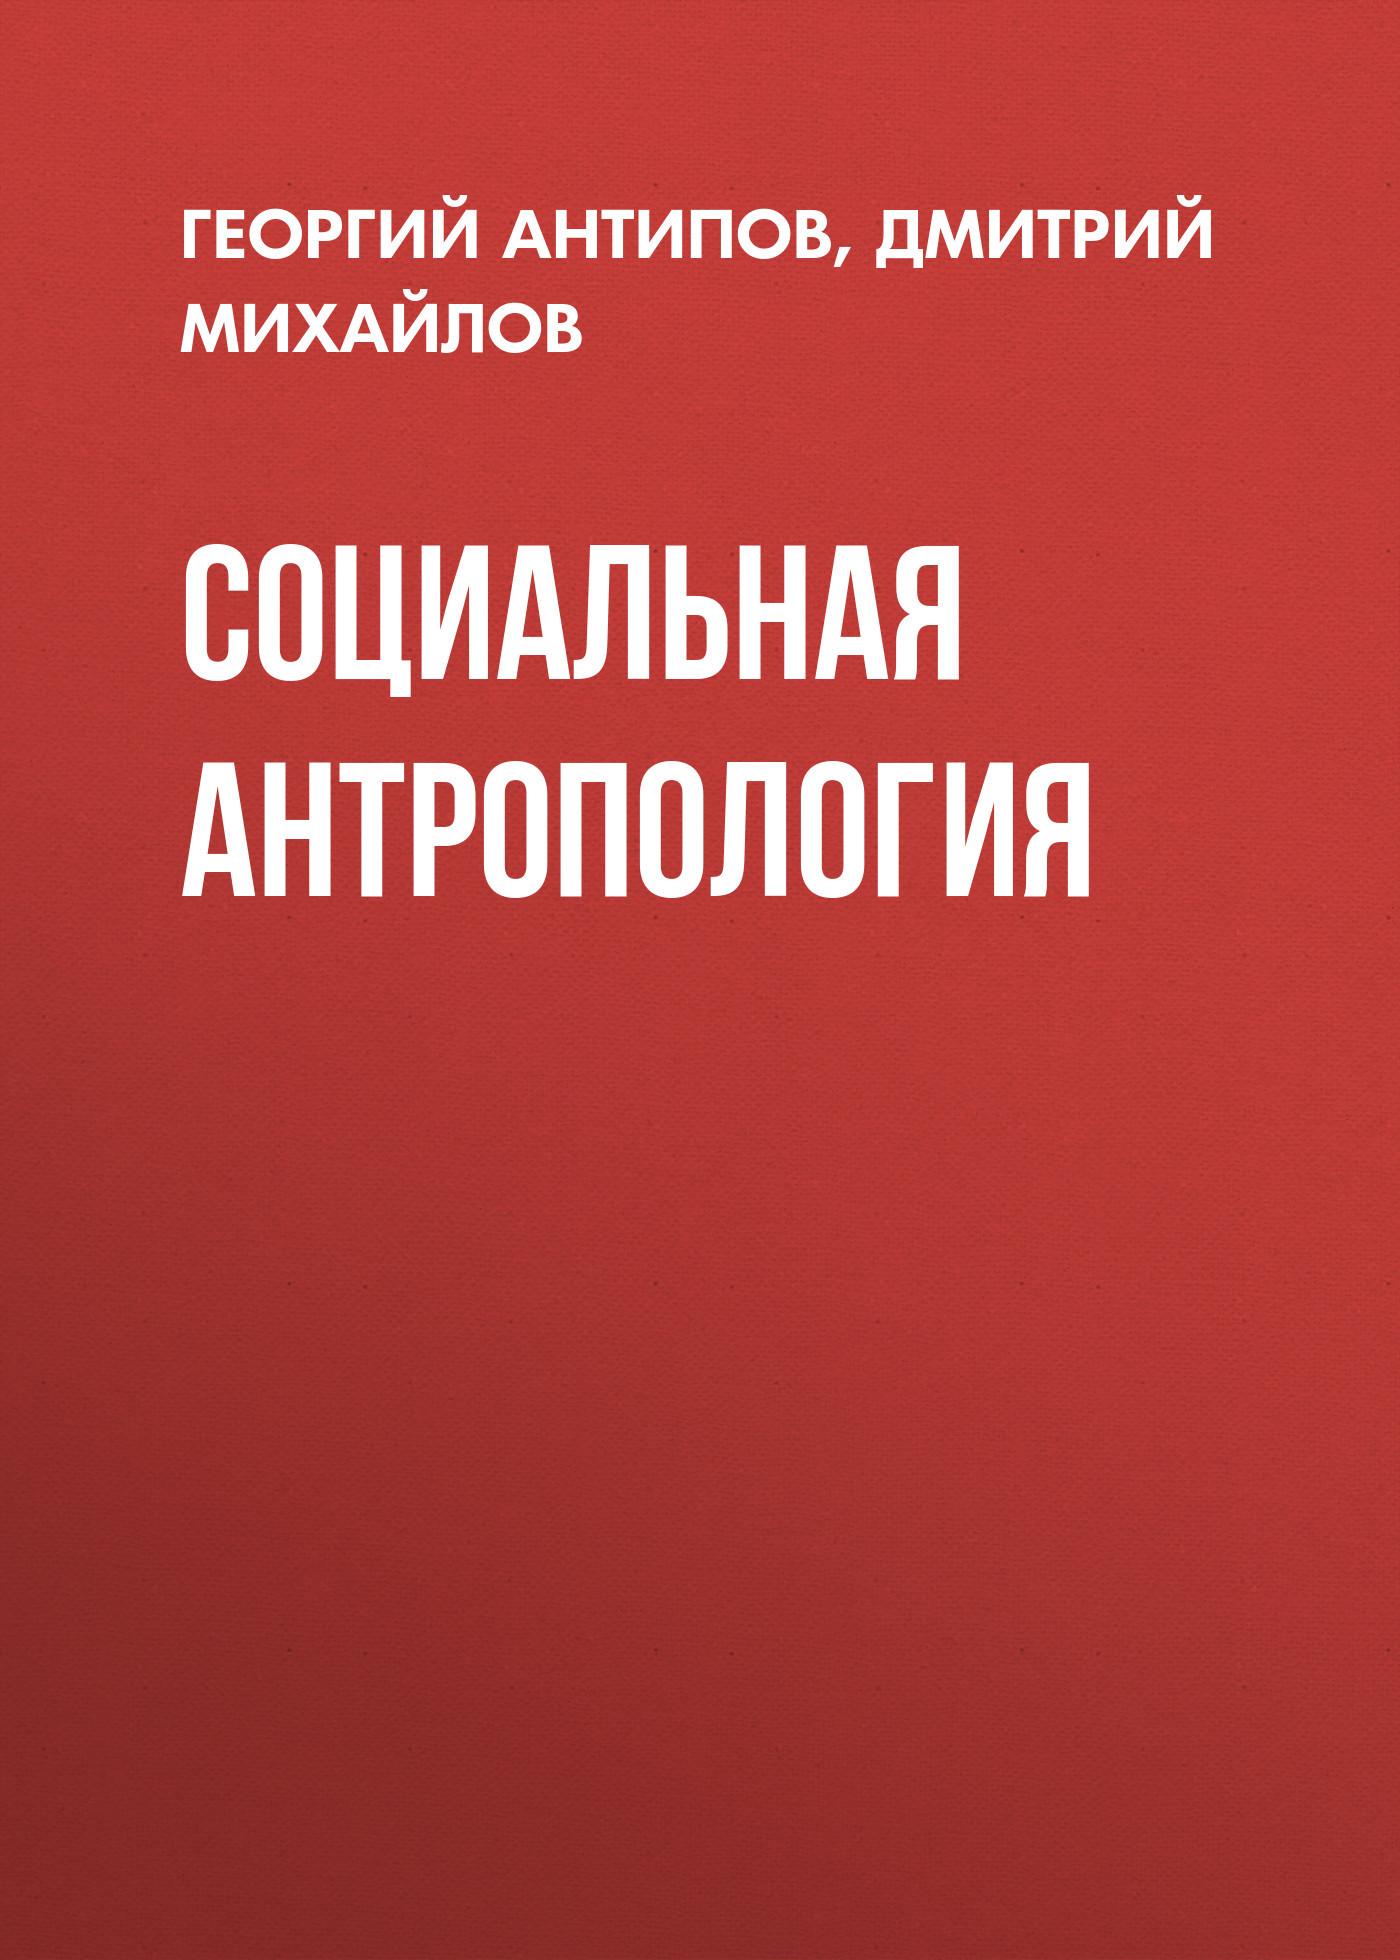 Дмитрий Михайлов Социальная антропология антропология